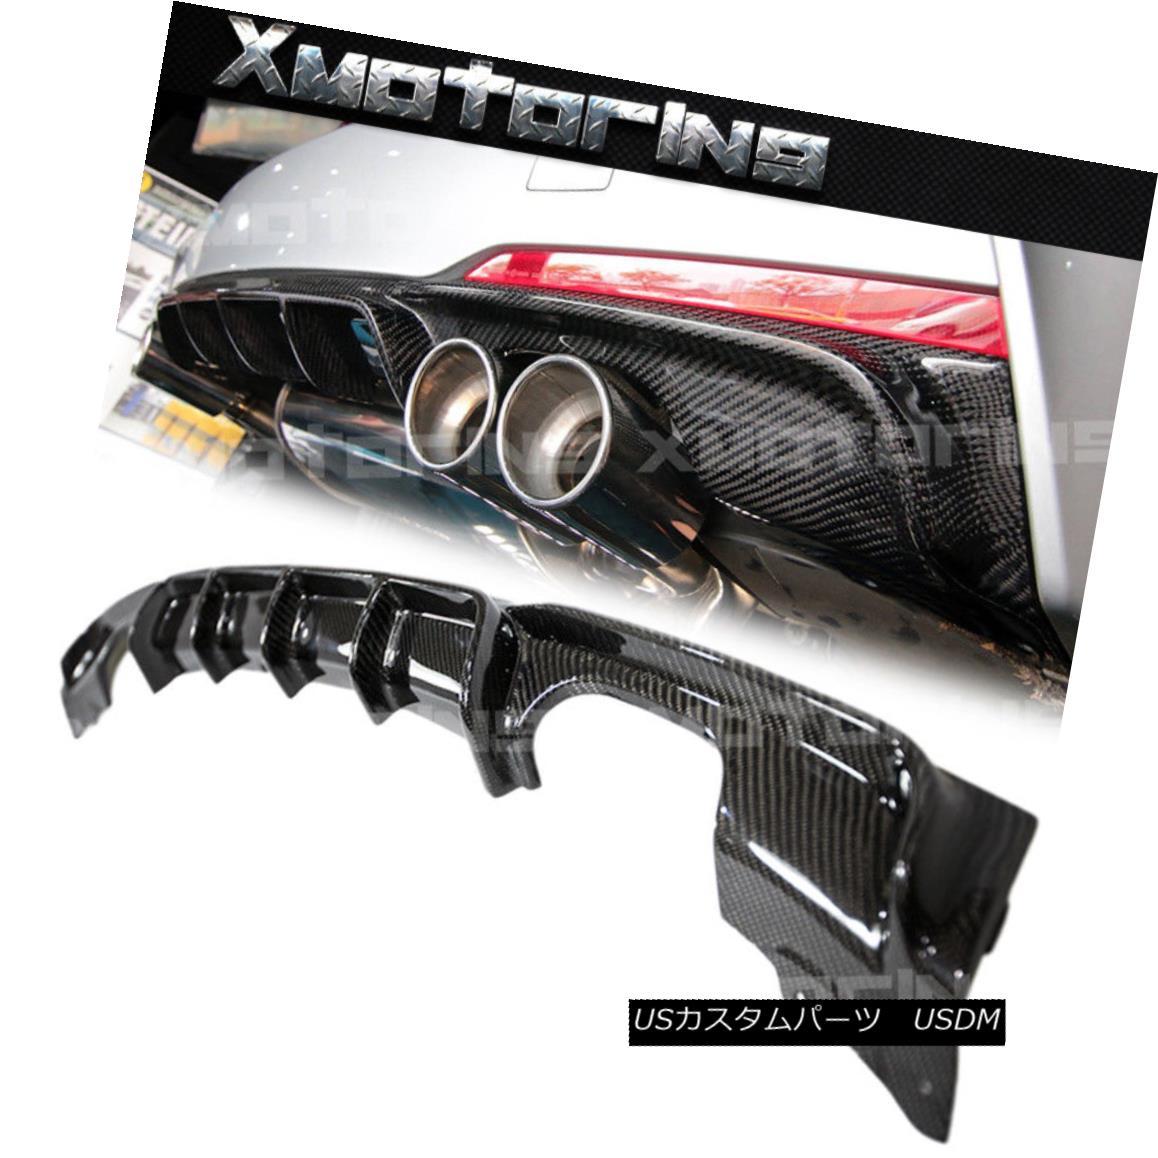 エアロパーツ P Type Carbon Fiber Exchange Diffuser Fit 12-15 F30 328i 335i 4DR M-Sport Bumper Pタイプ炭素繊維交換ディフューザーフィット12-15 F30 328i 335i 4DR M-スポーツバンパー